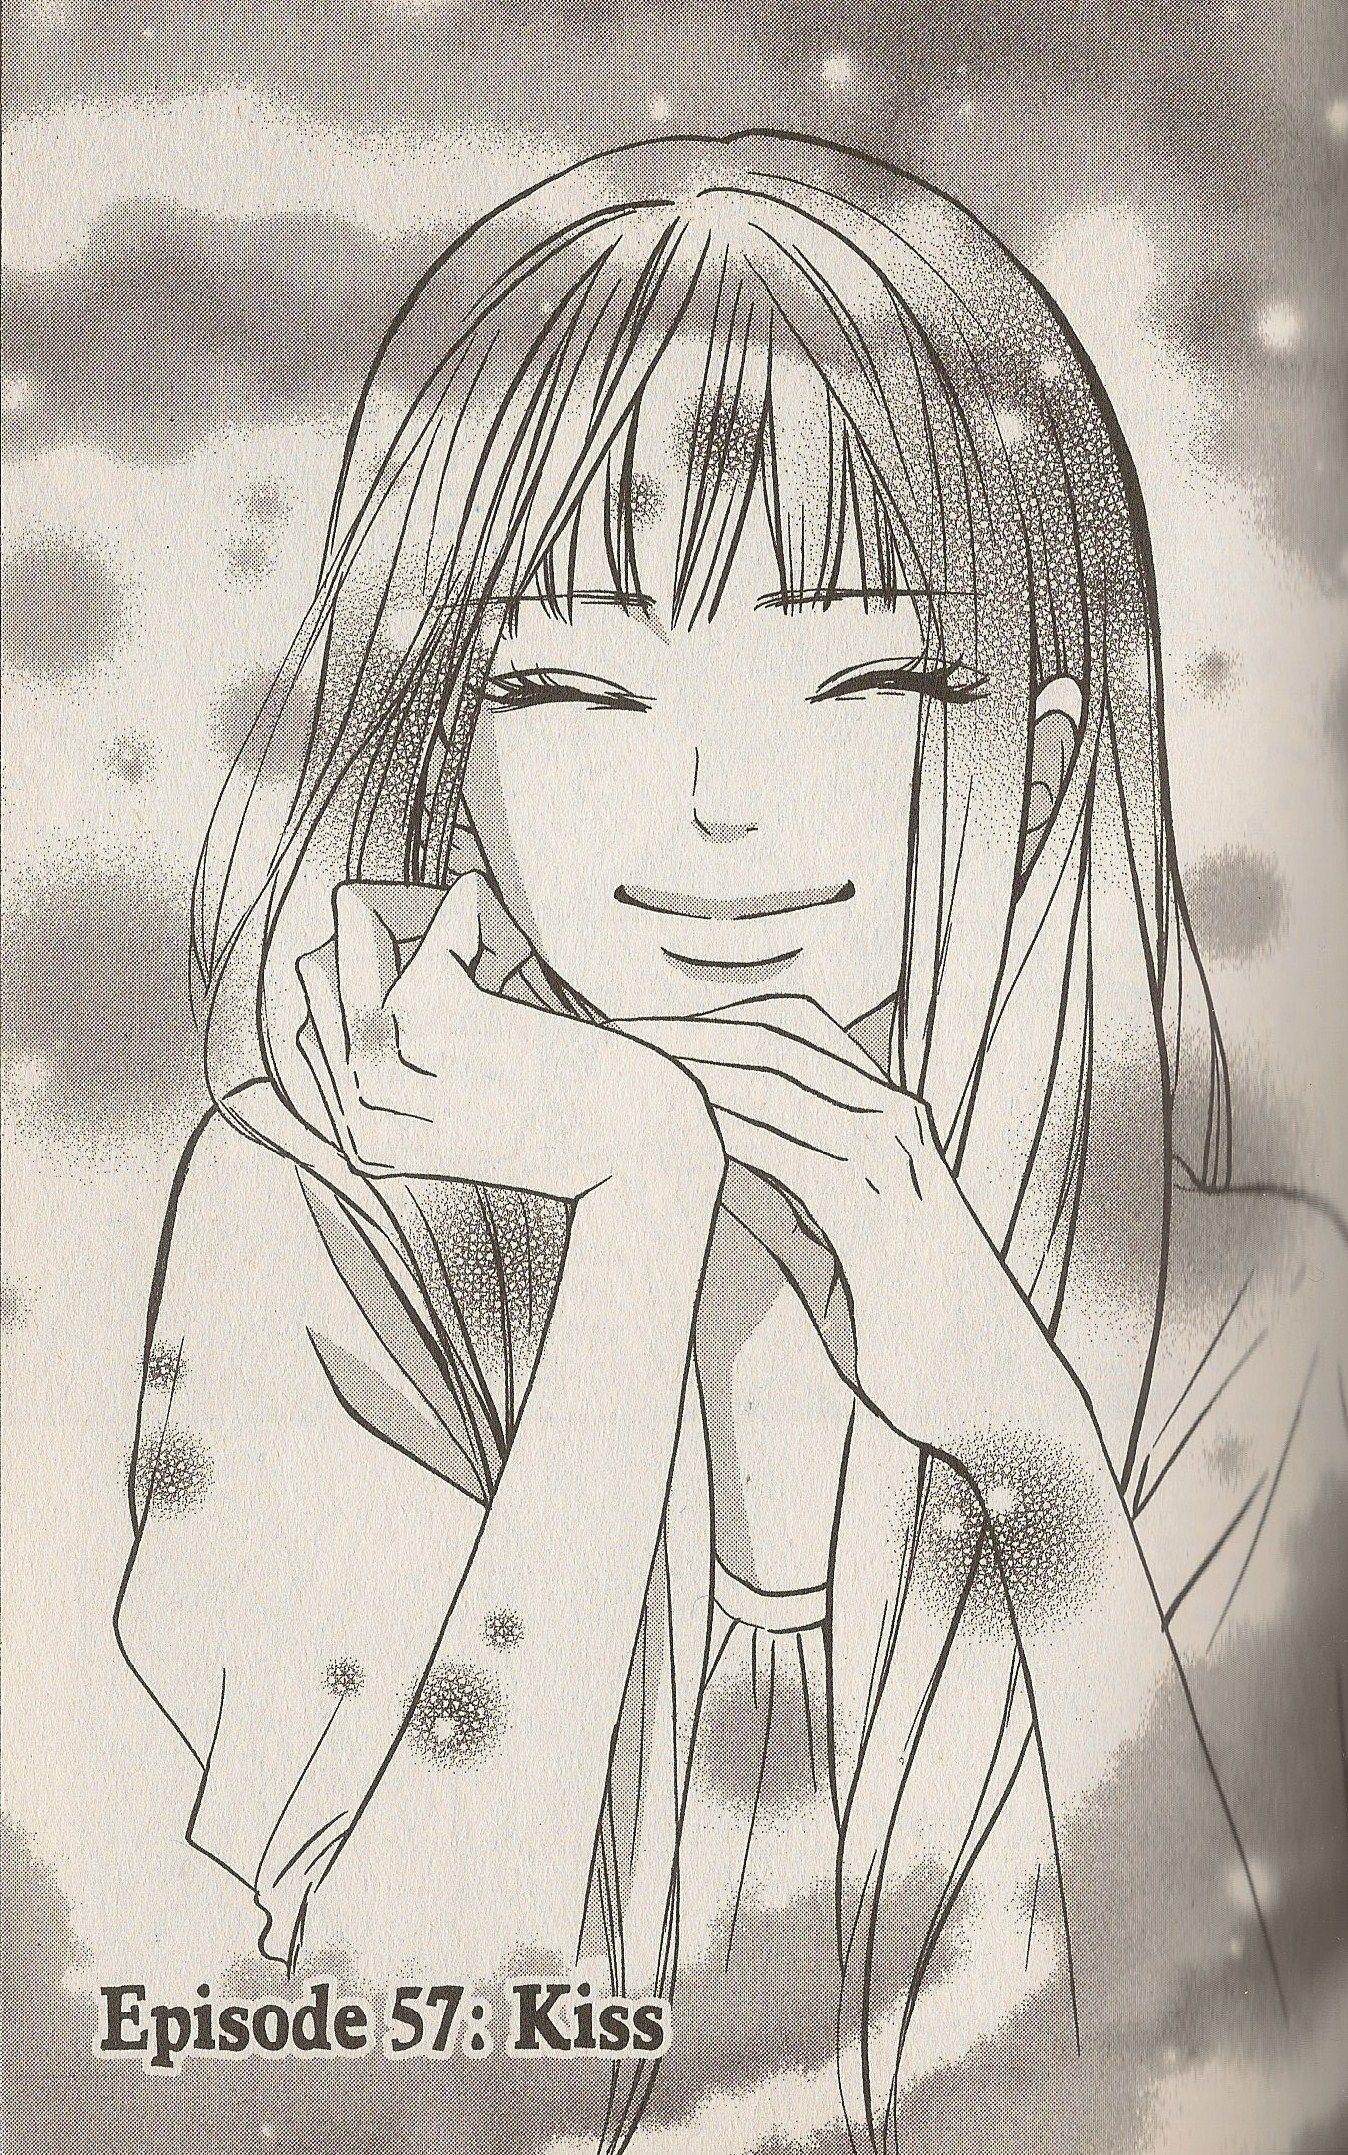 Sawako Kuronuma Kimi ni todoke, Manga love, Anime